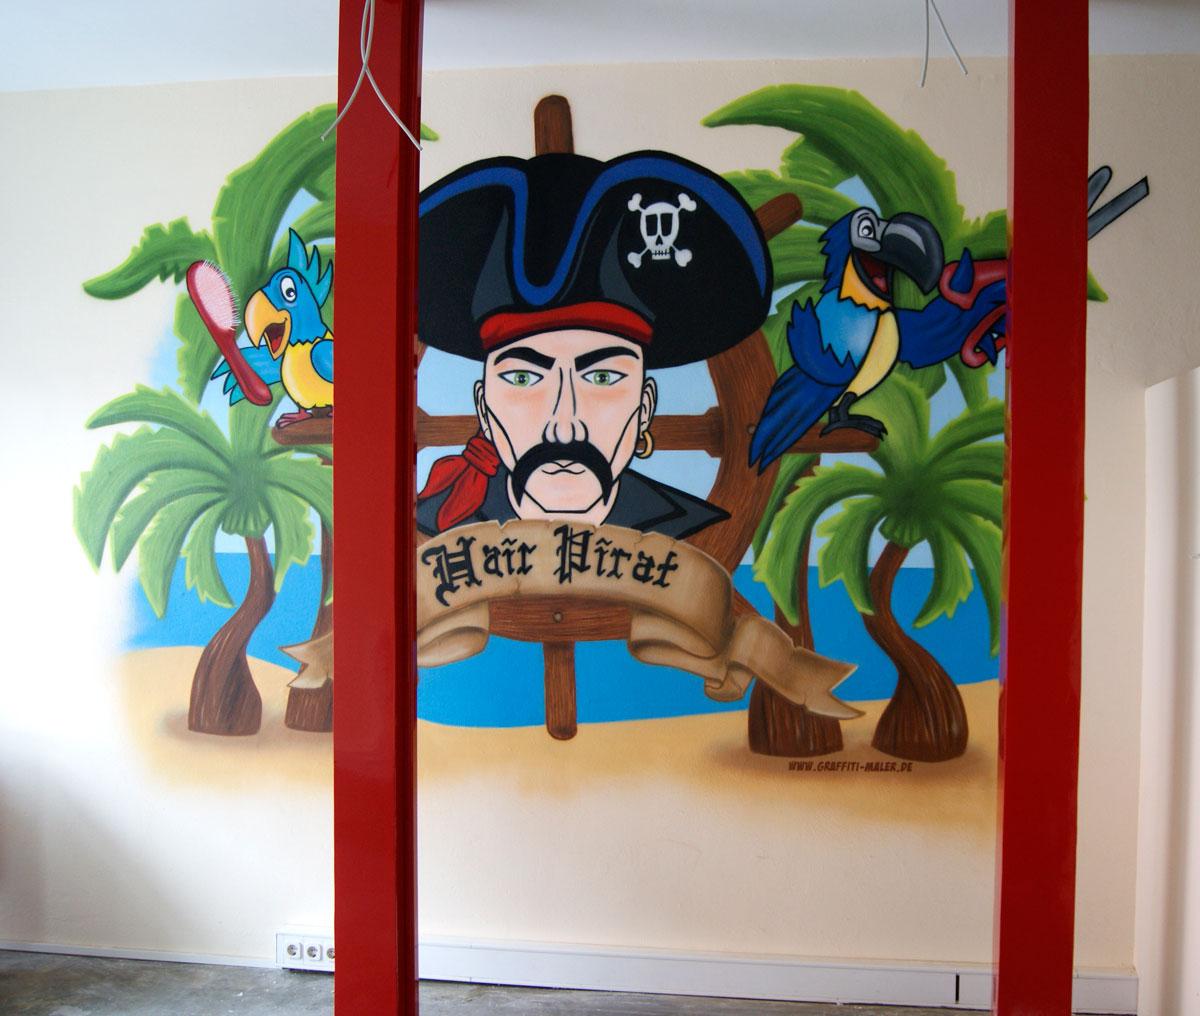 Graffiti Auftrag Hair-Pirat Flensburg